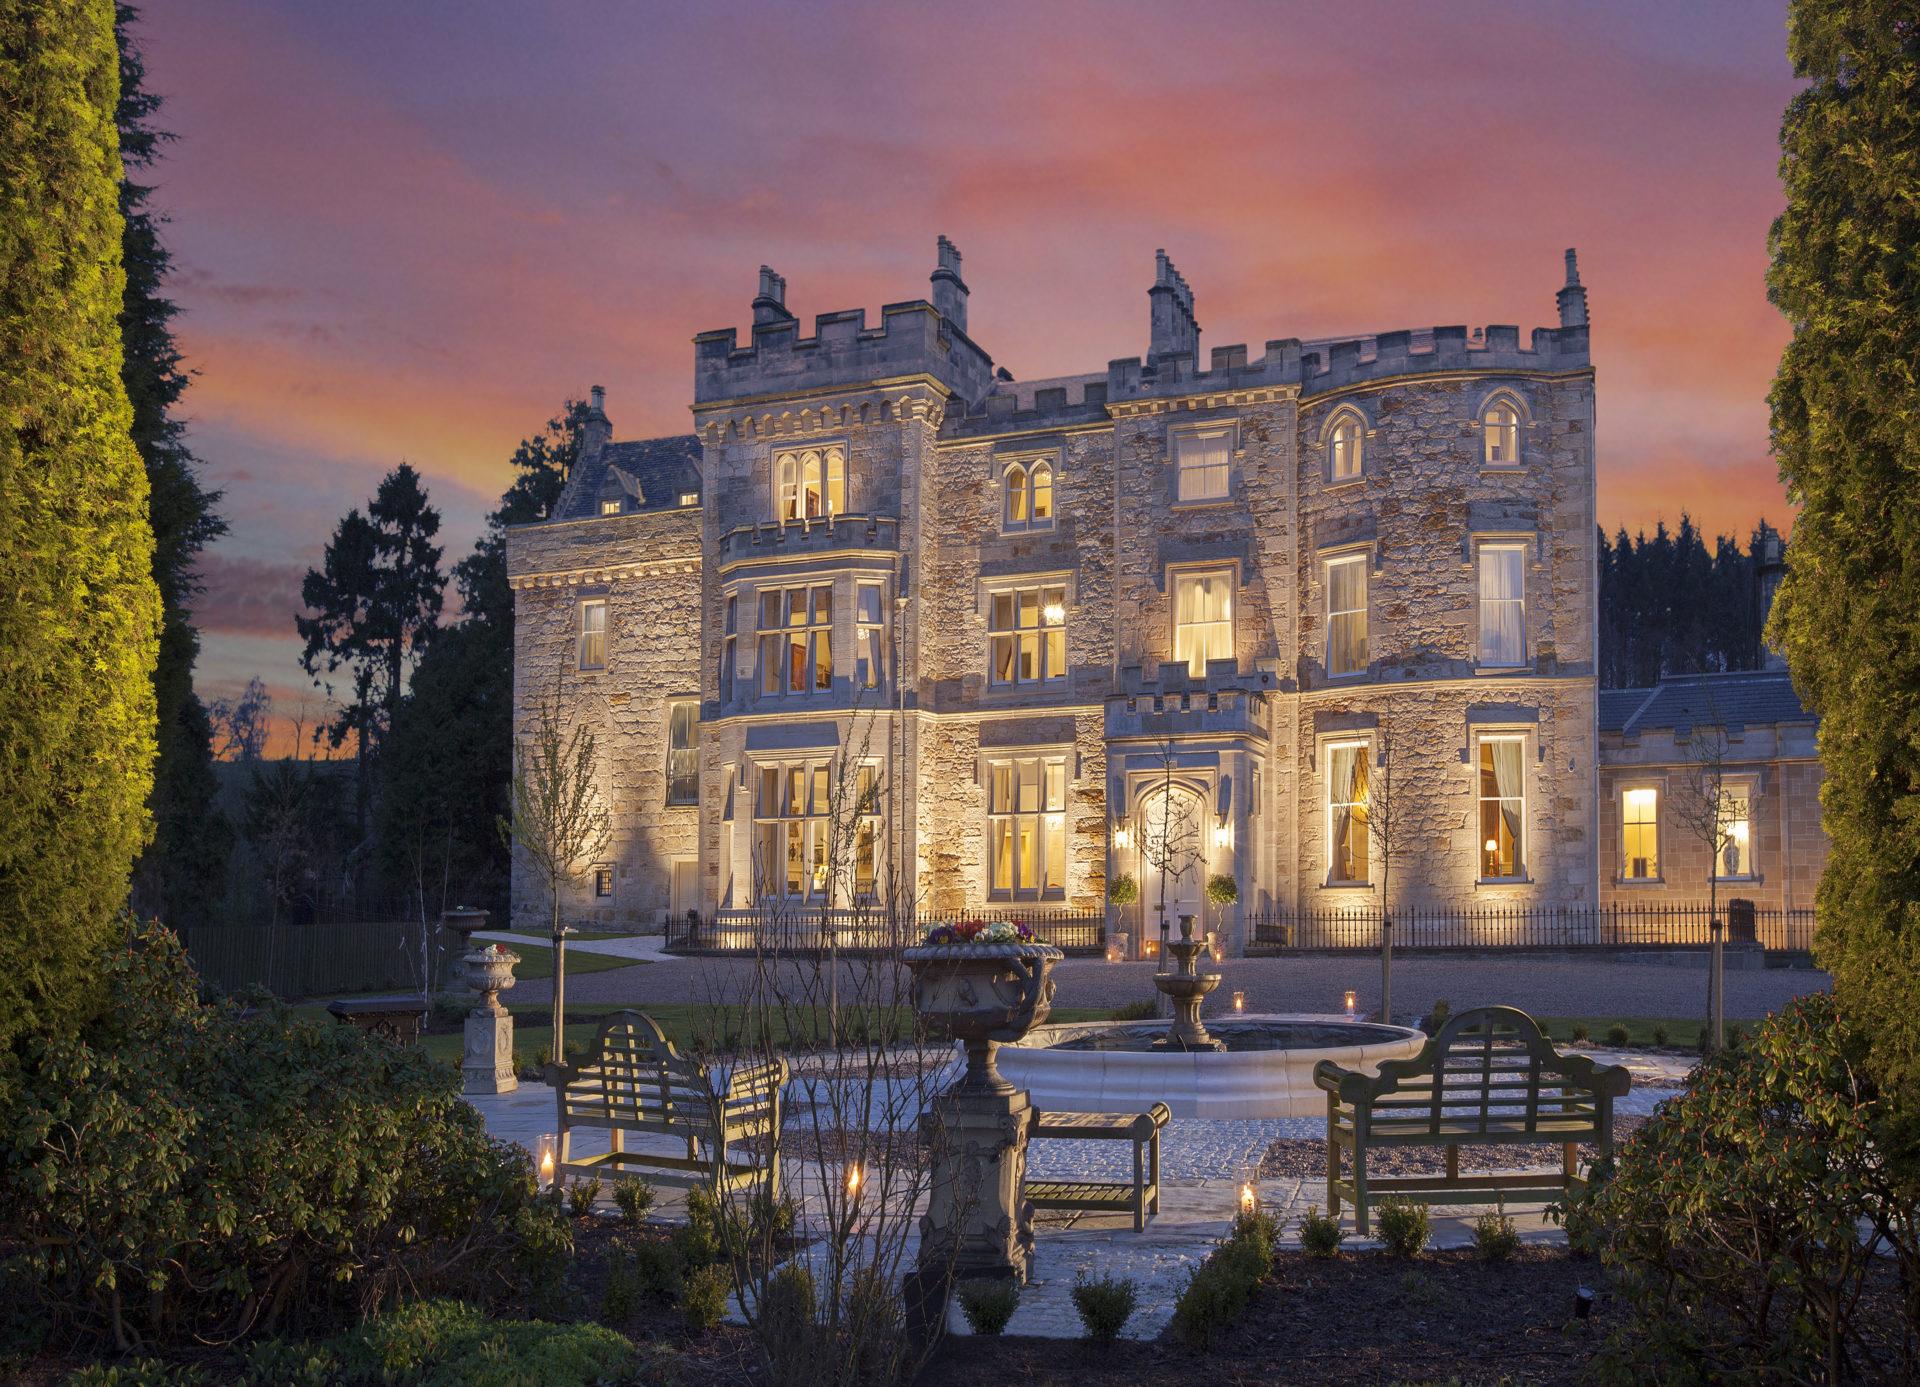 5-dagen Romantiek in een Schots kasteel 5*    afreis dagelijks 2